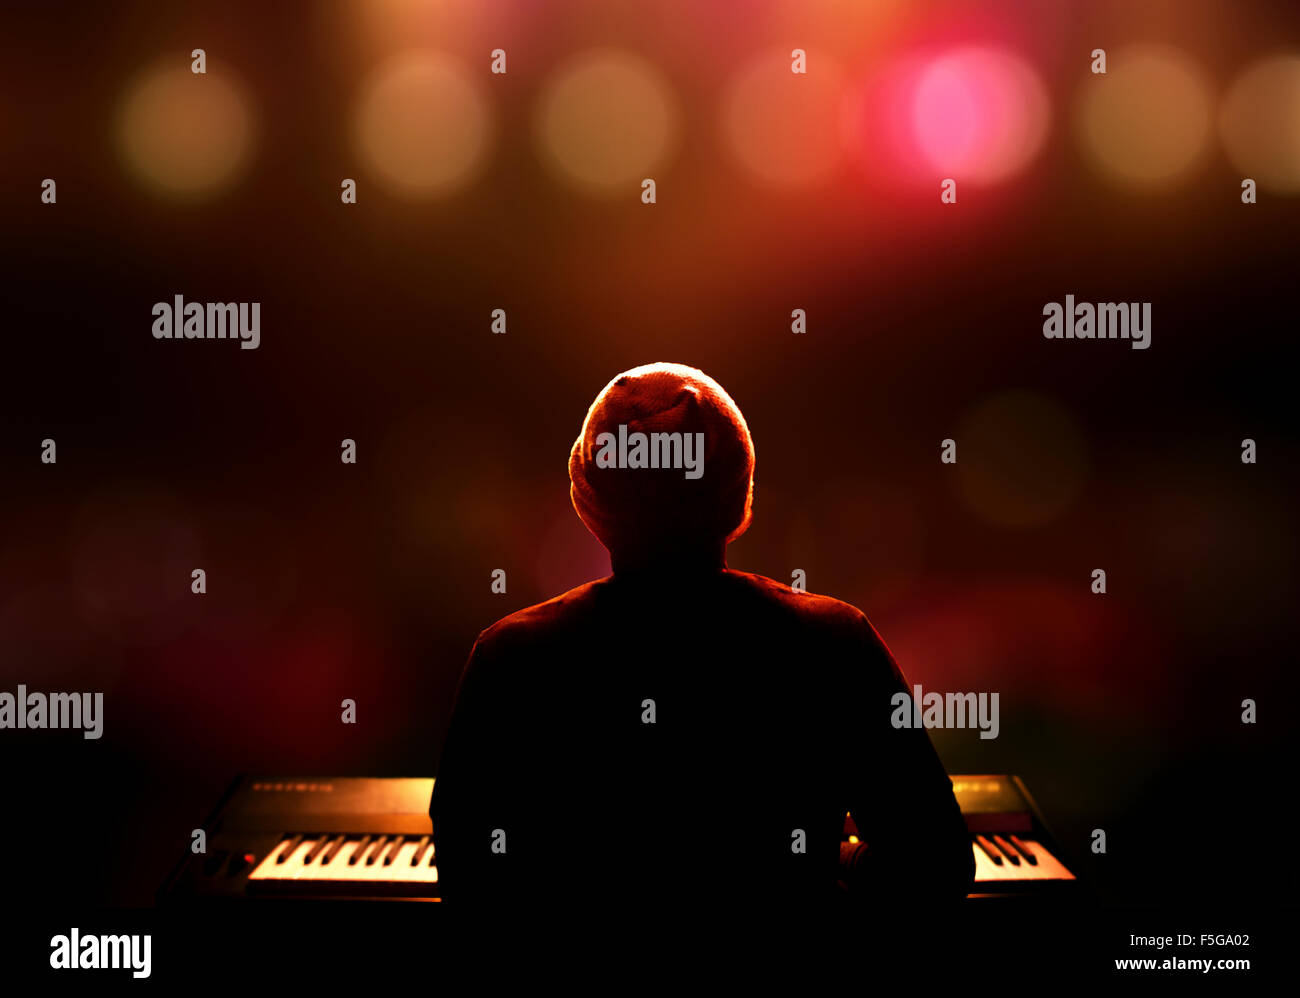 Pianista che suona il sintetizzatore dal vivo sul palco. Visto da dietro con estrema DOF poco profondo Immagini Stock